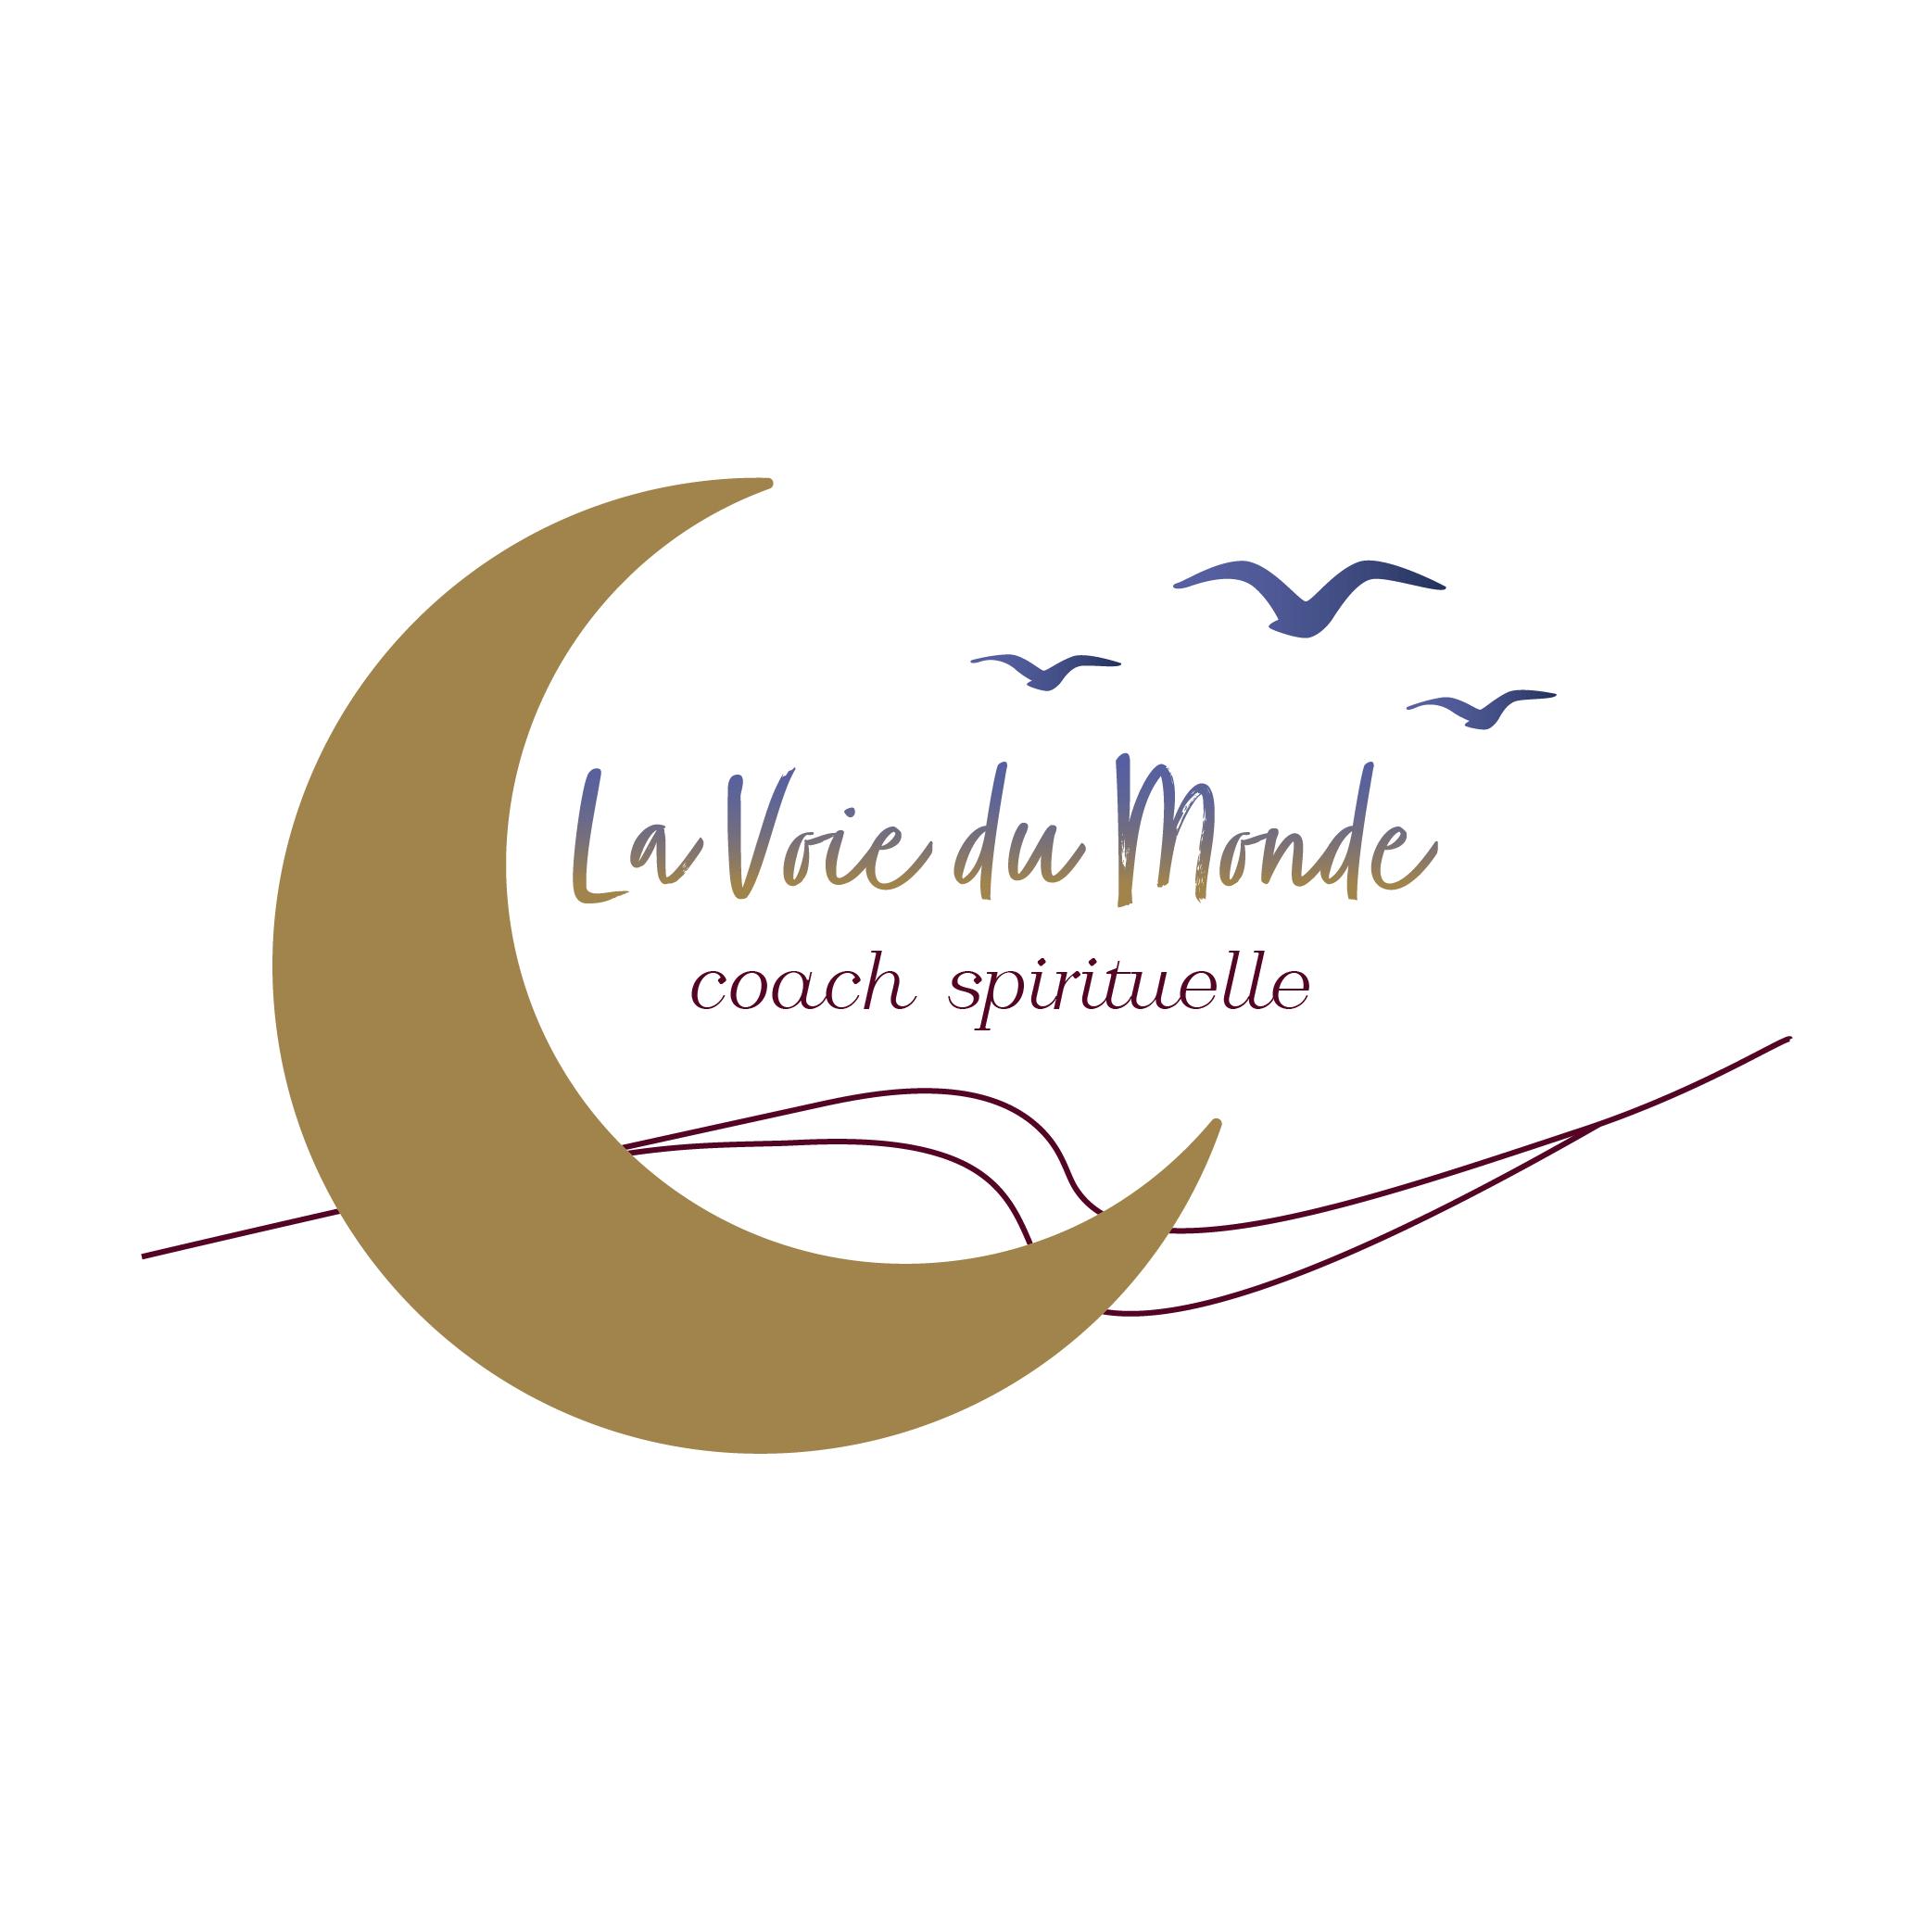 La Voie du Monde - révélation d'un univers de marque - Let You Shine - Virginie Gruber - Graphiste et Webdesigner intuitive et passionnée